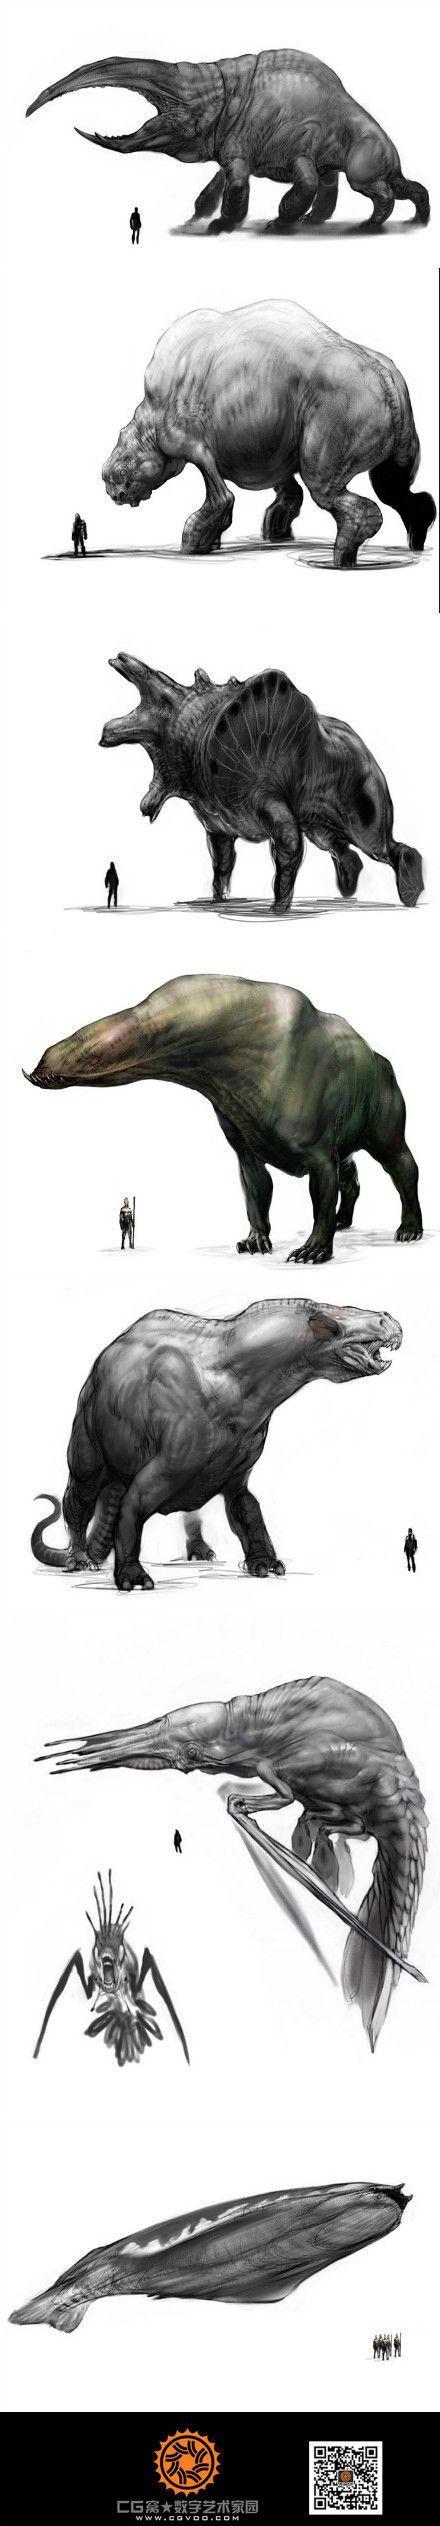 Animales domesticados gigantes. medios de transporte y carga